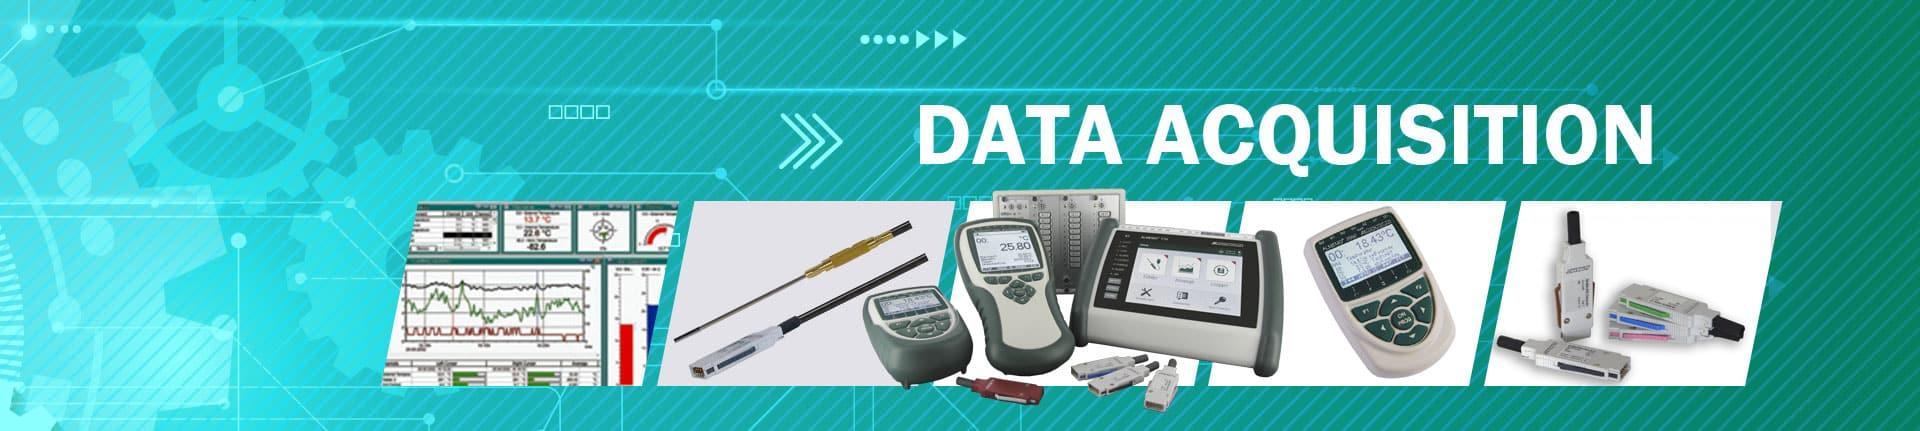 Data_slide-sm